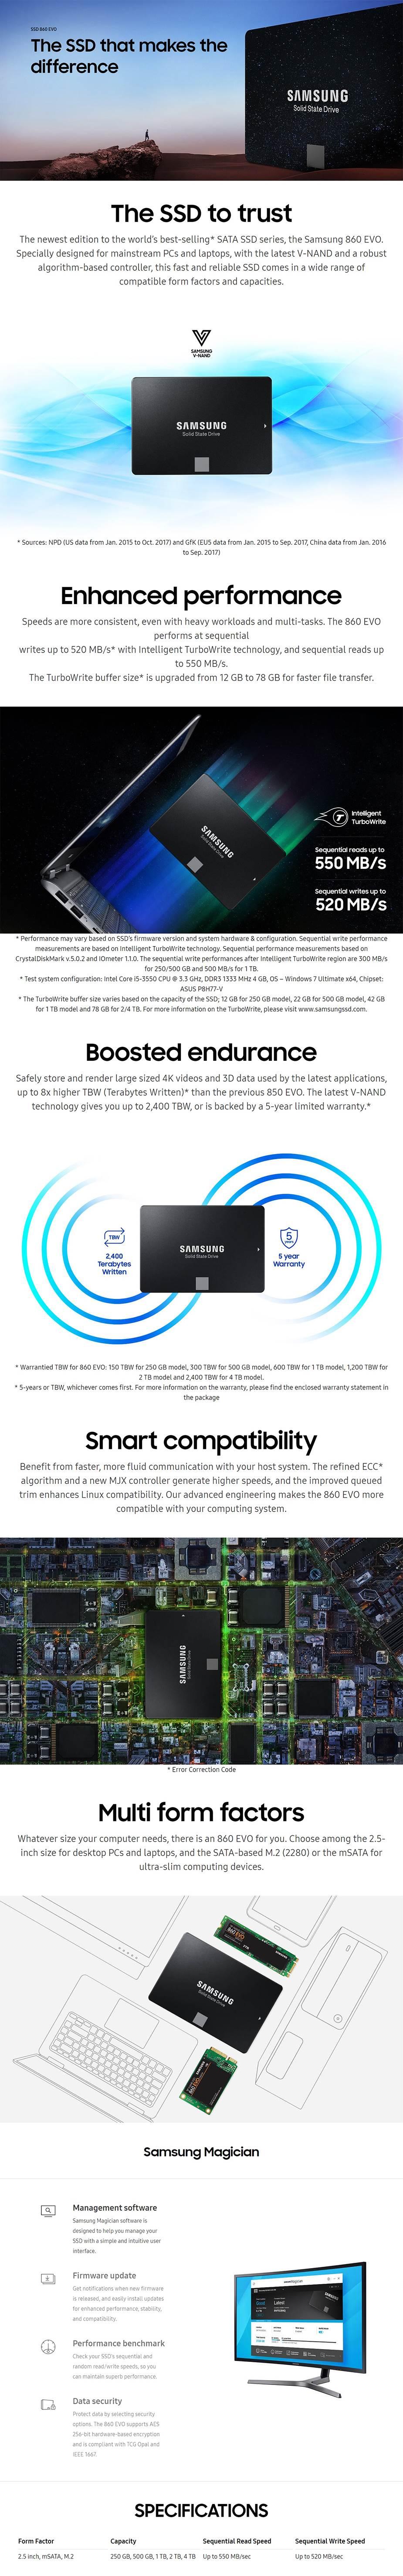 Samsung 860 Evo 250GB mSATA SATA III 6GB/s V-NAND SSD MZ-M6E250BW